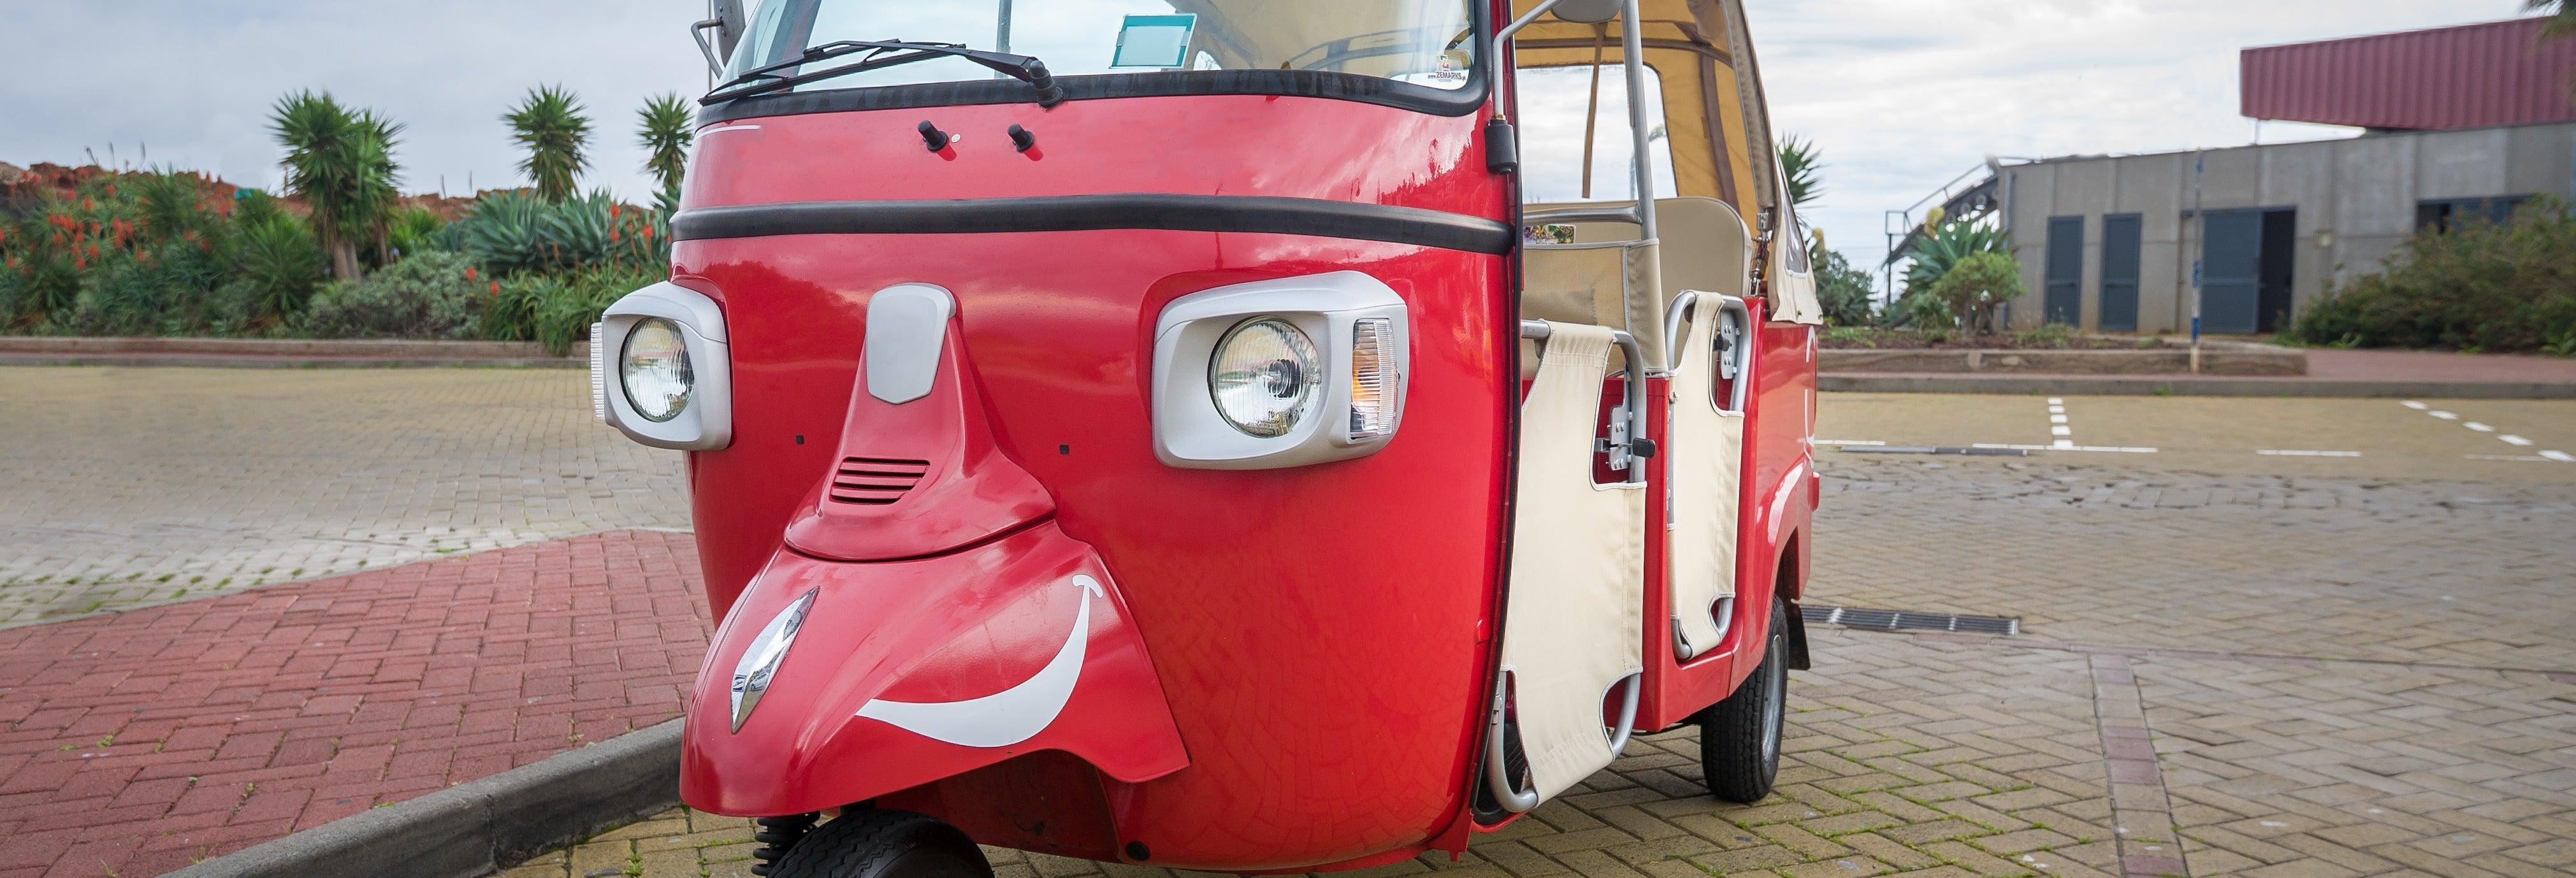 Tour di Funchal in tuk tuk